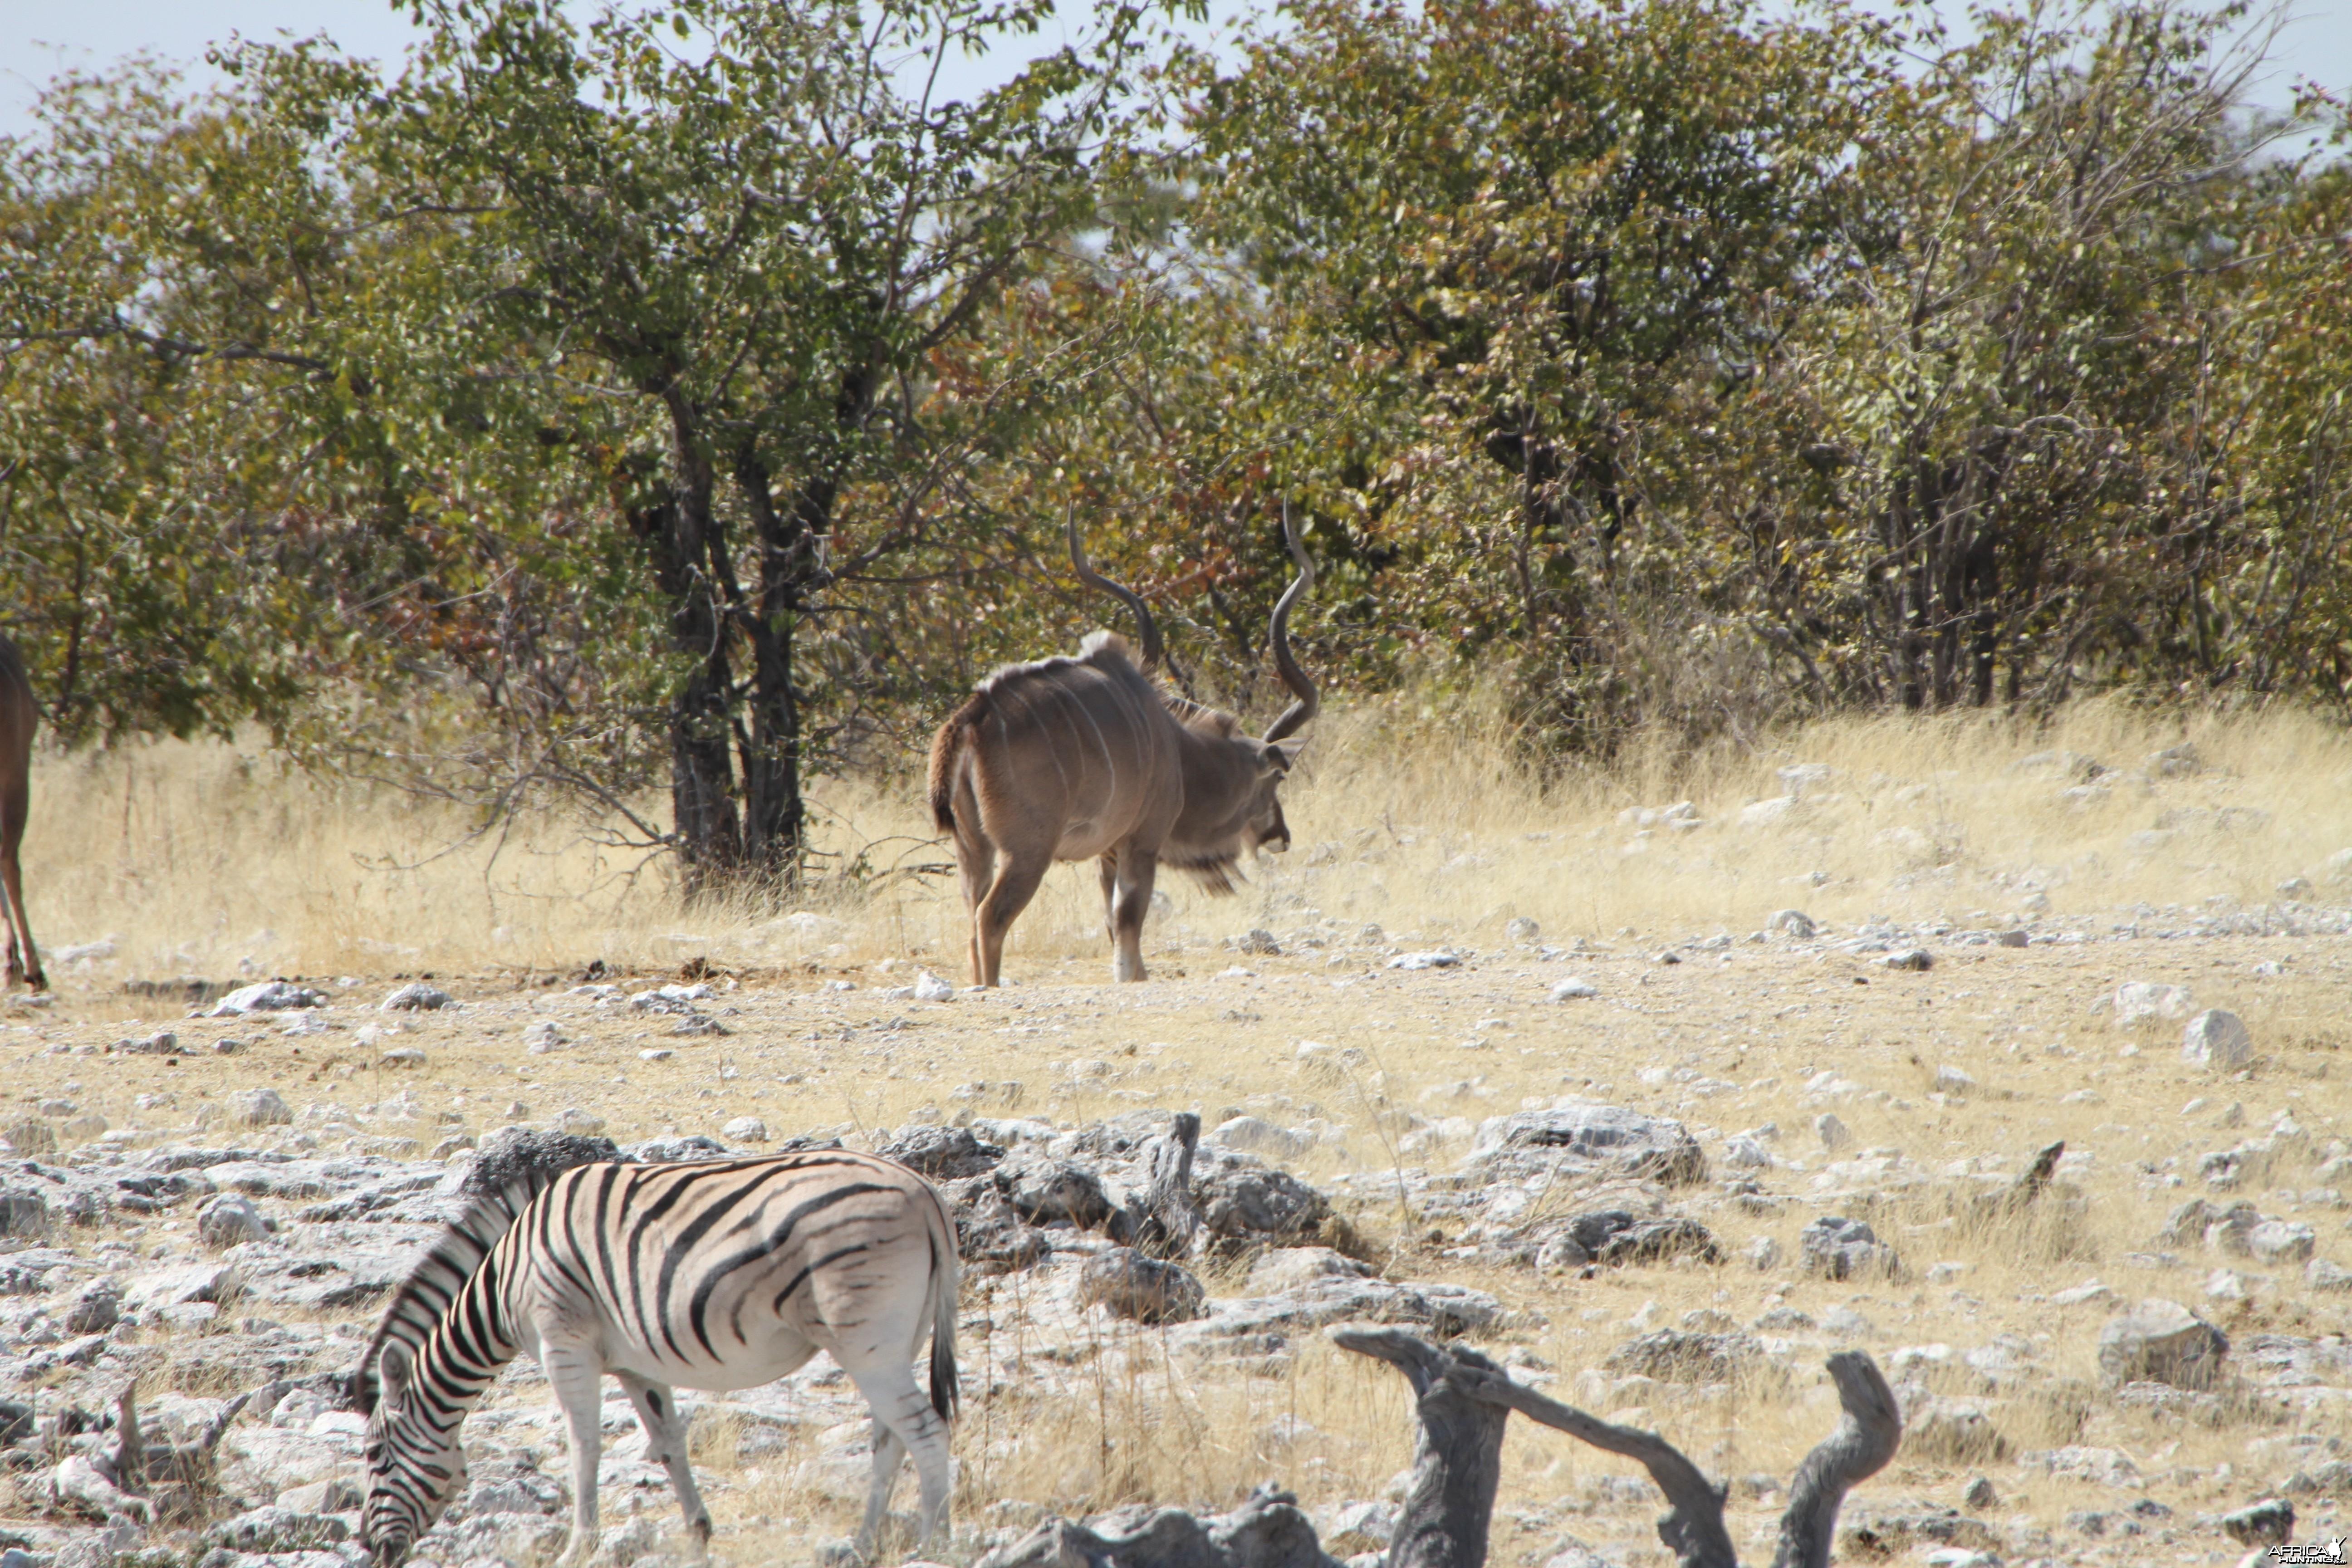 Greater Kudu at Etosha National Park